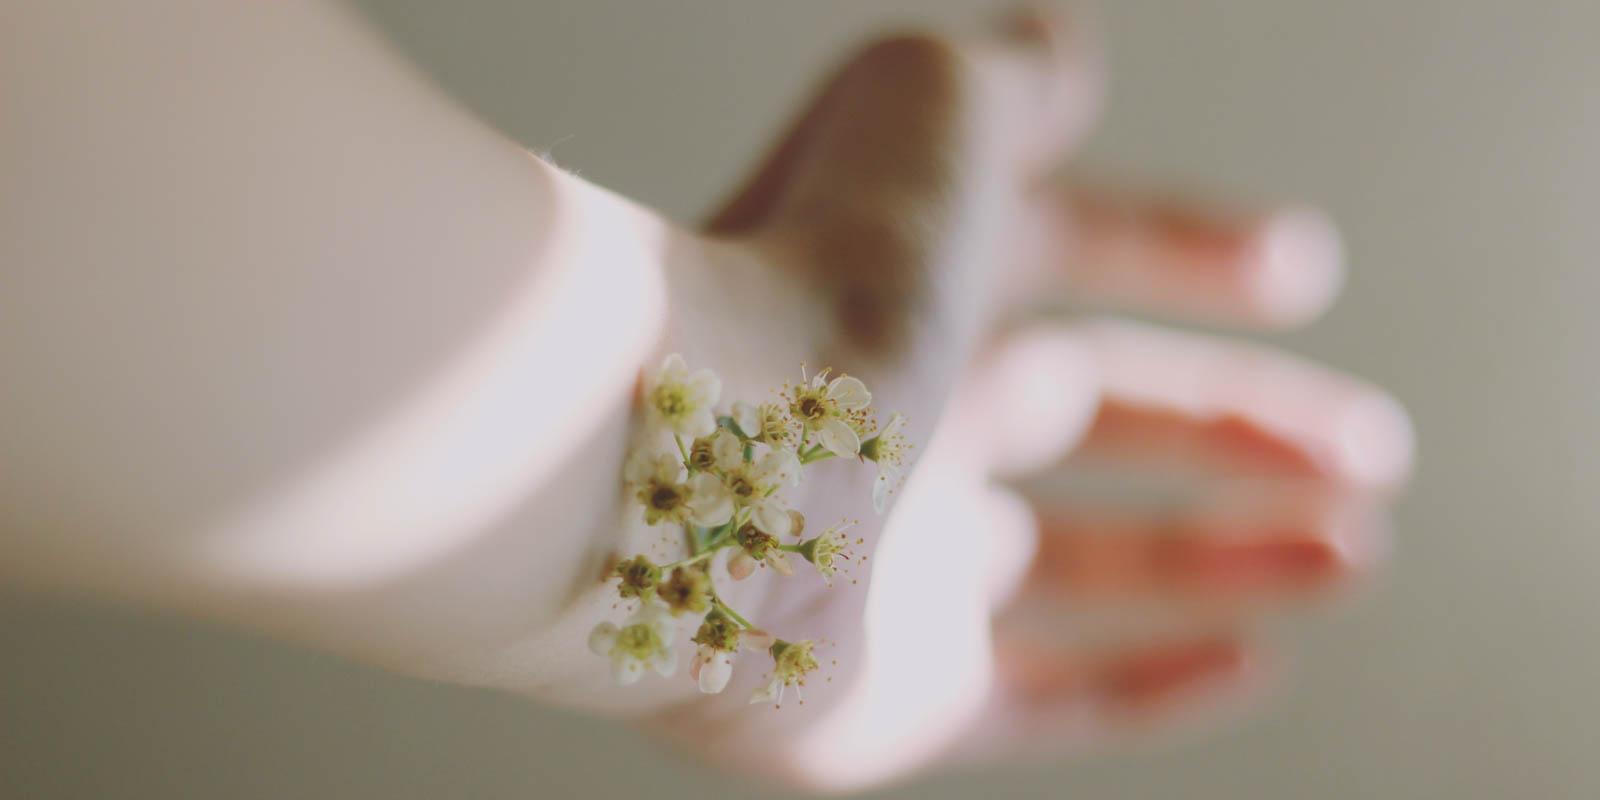 ruka s květinou na zápěstí indikující pocit 'na vlastní kůži'